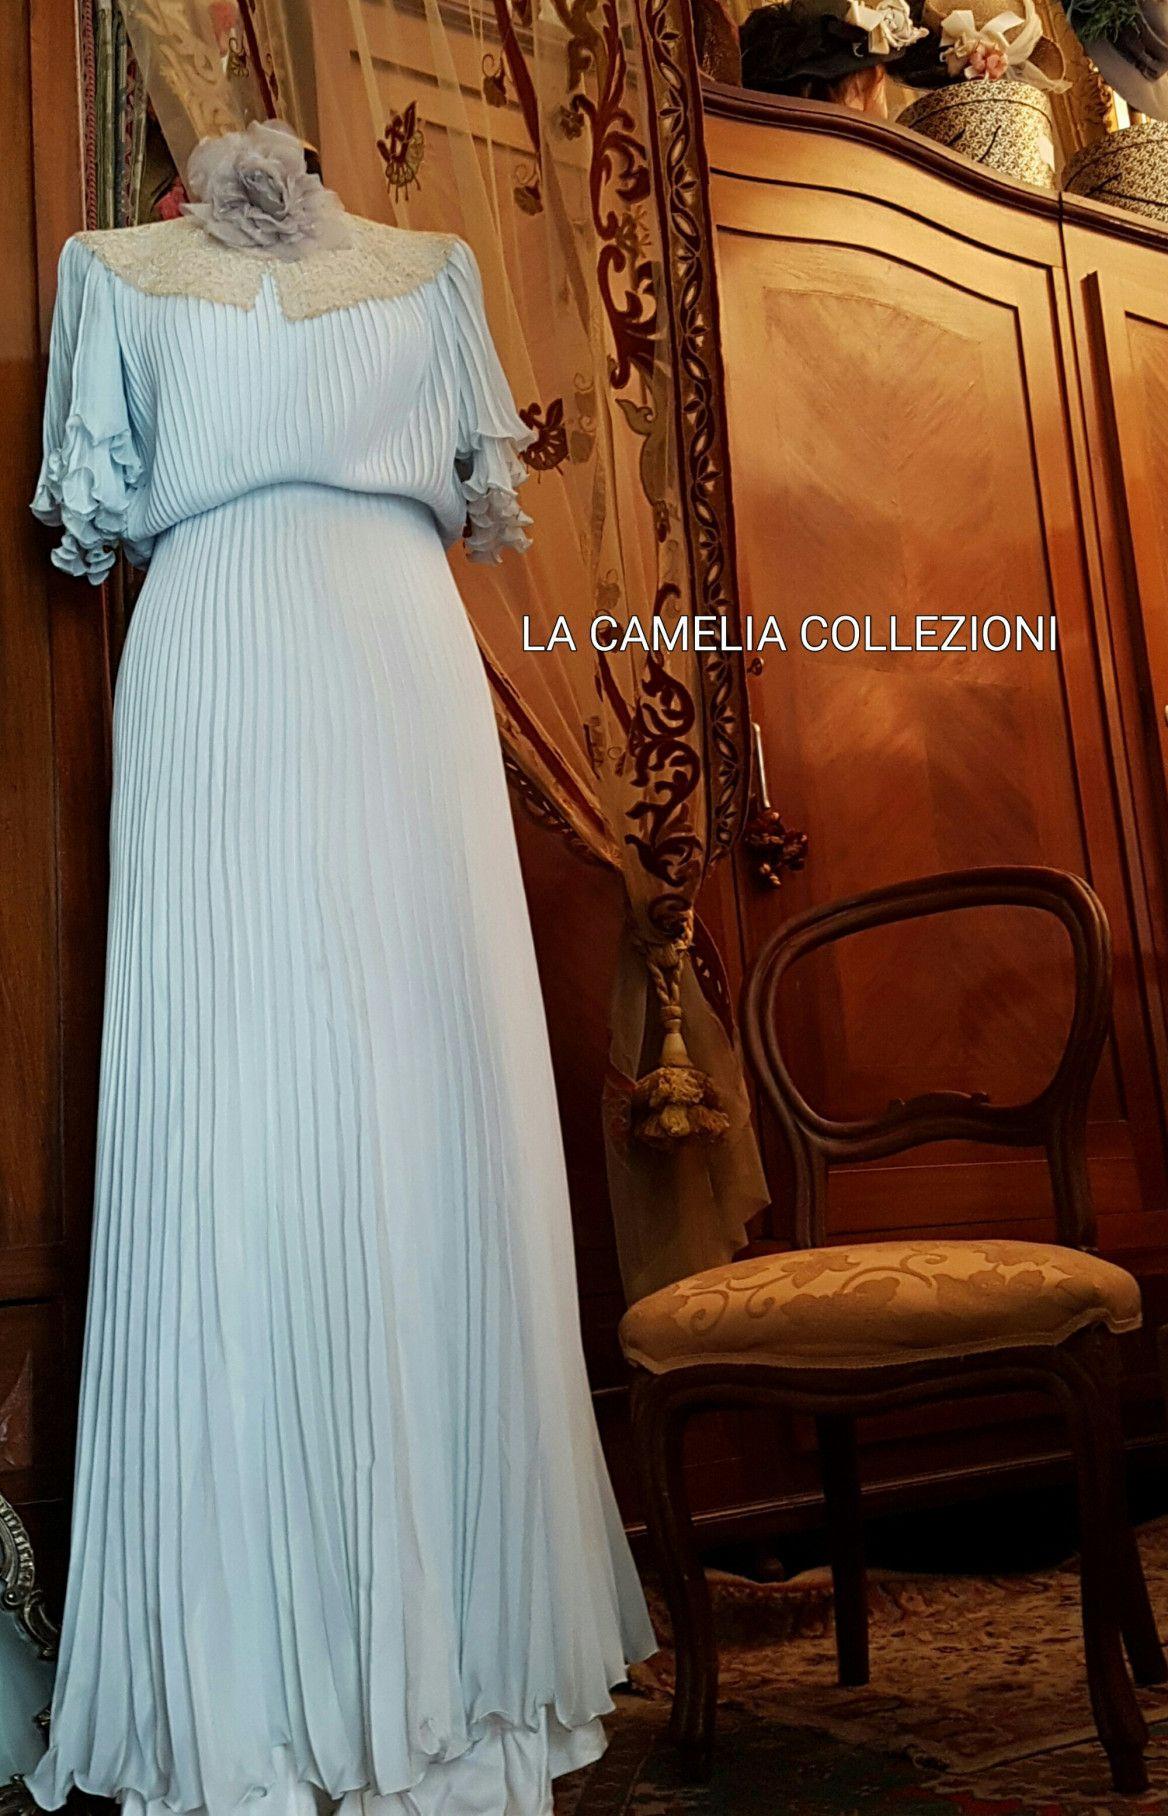 Vestito anni 40 in seta colore azzurro.jpg